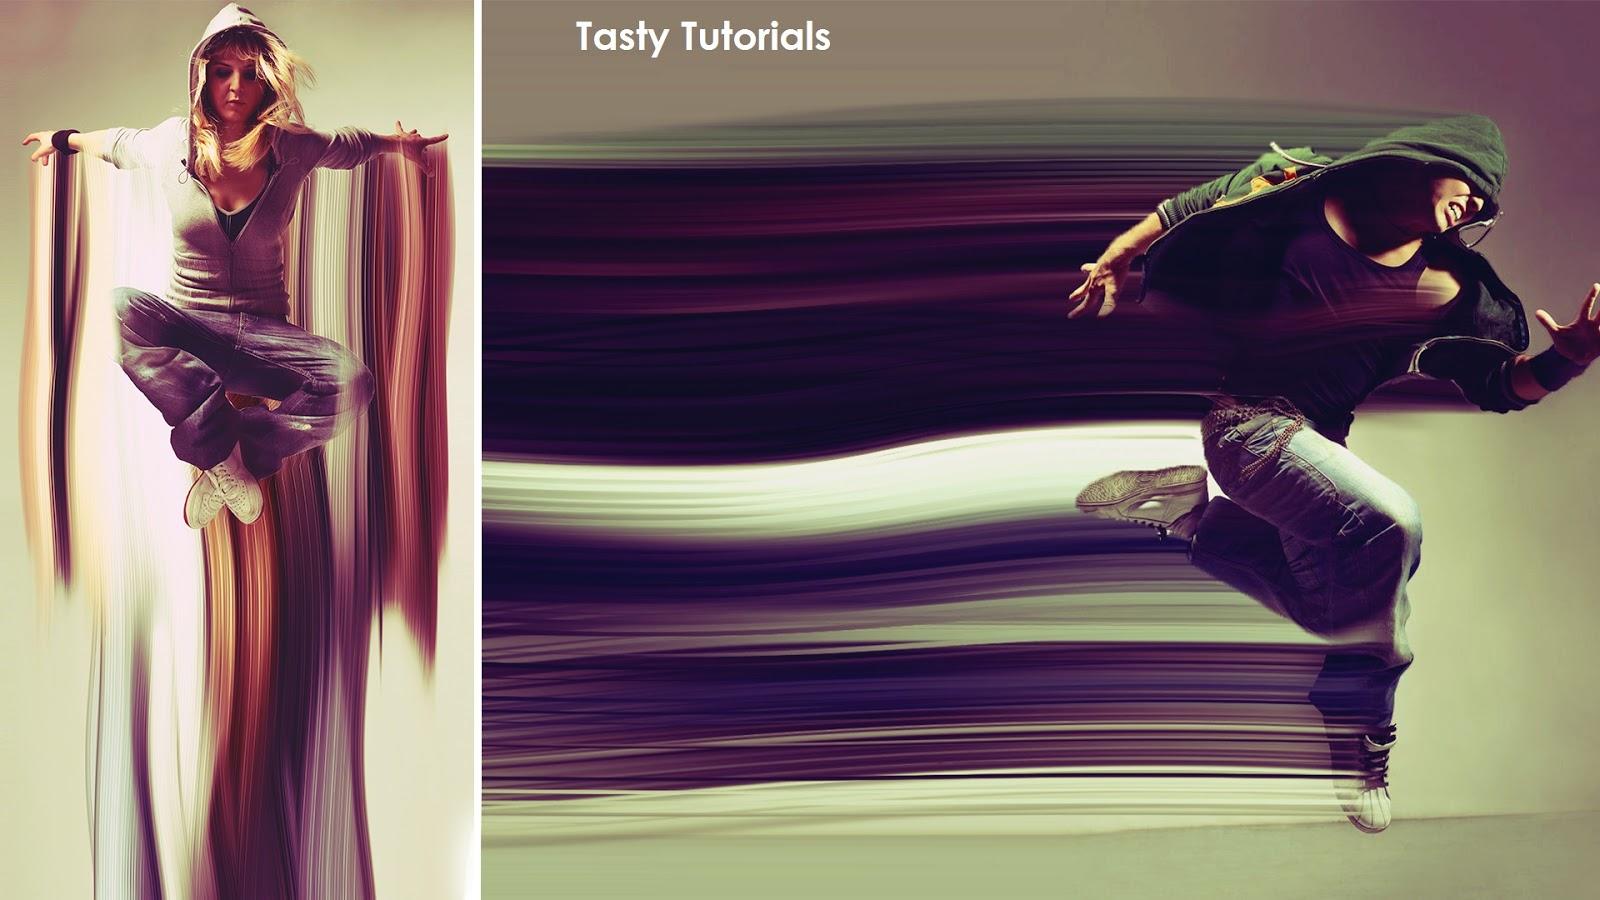 Funky wavelength photo effect in photoshop cs6 tasty tutorials funky wavelength photo effect in photoshop cs6 baditri Images